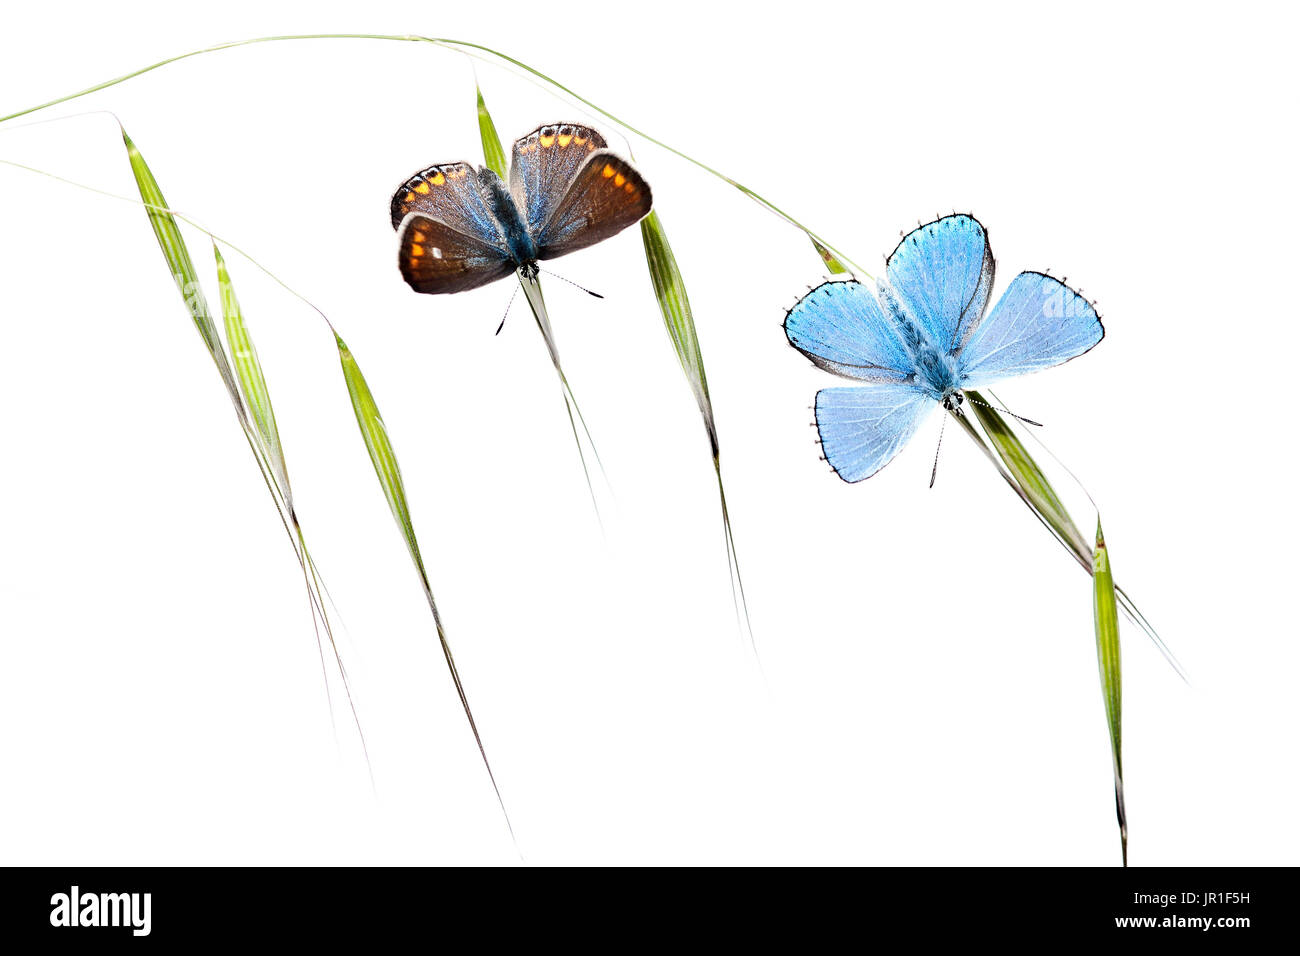 Las mariposas calentando al amanecer sobre fondo blanco. Foto de stock